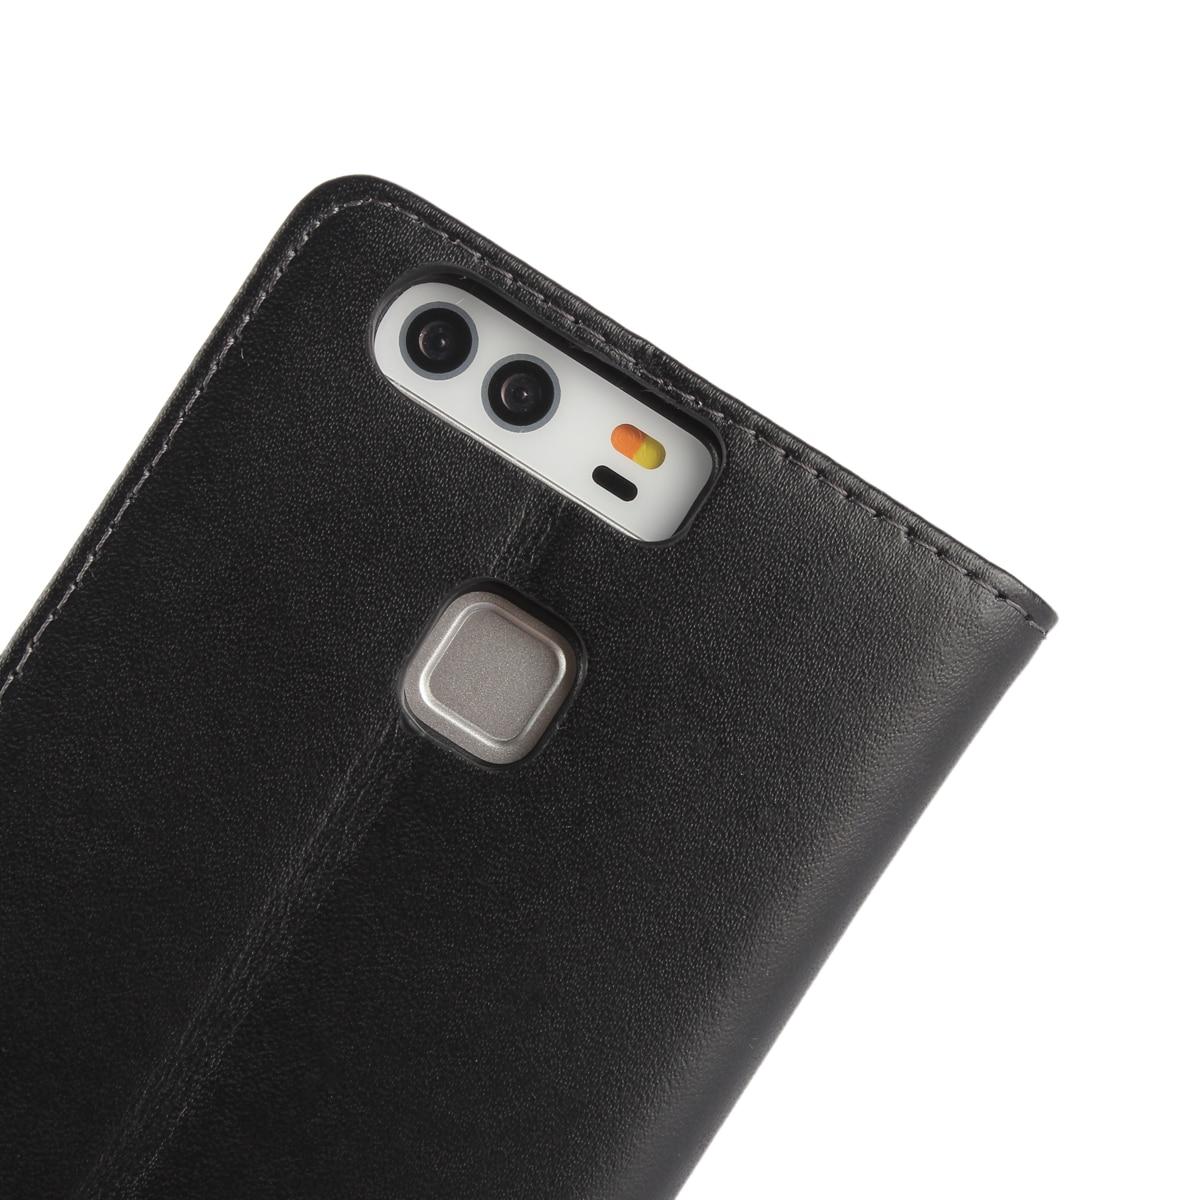 Väska till Huawei P9 täcka Premium PU-läderplånbok Väska Flip - Reservdelar och tillbehör för mobiltelefoner - Foto 2